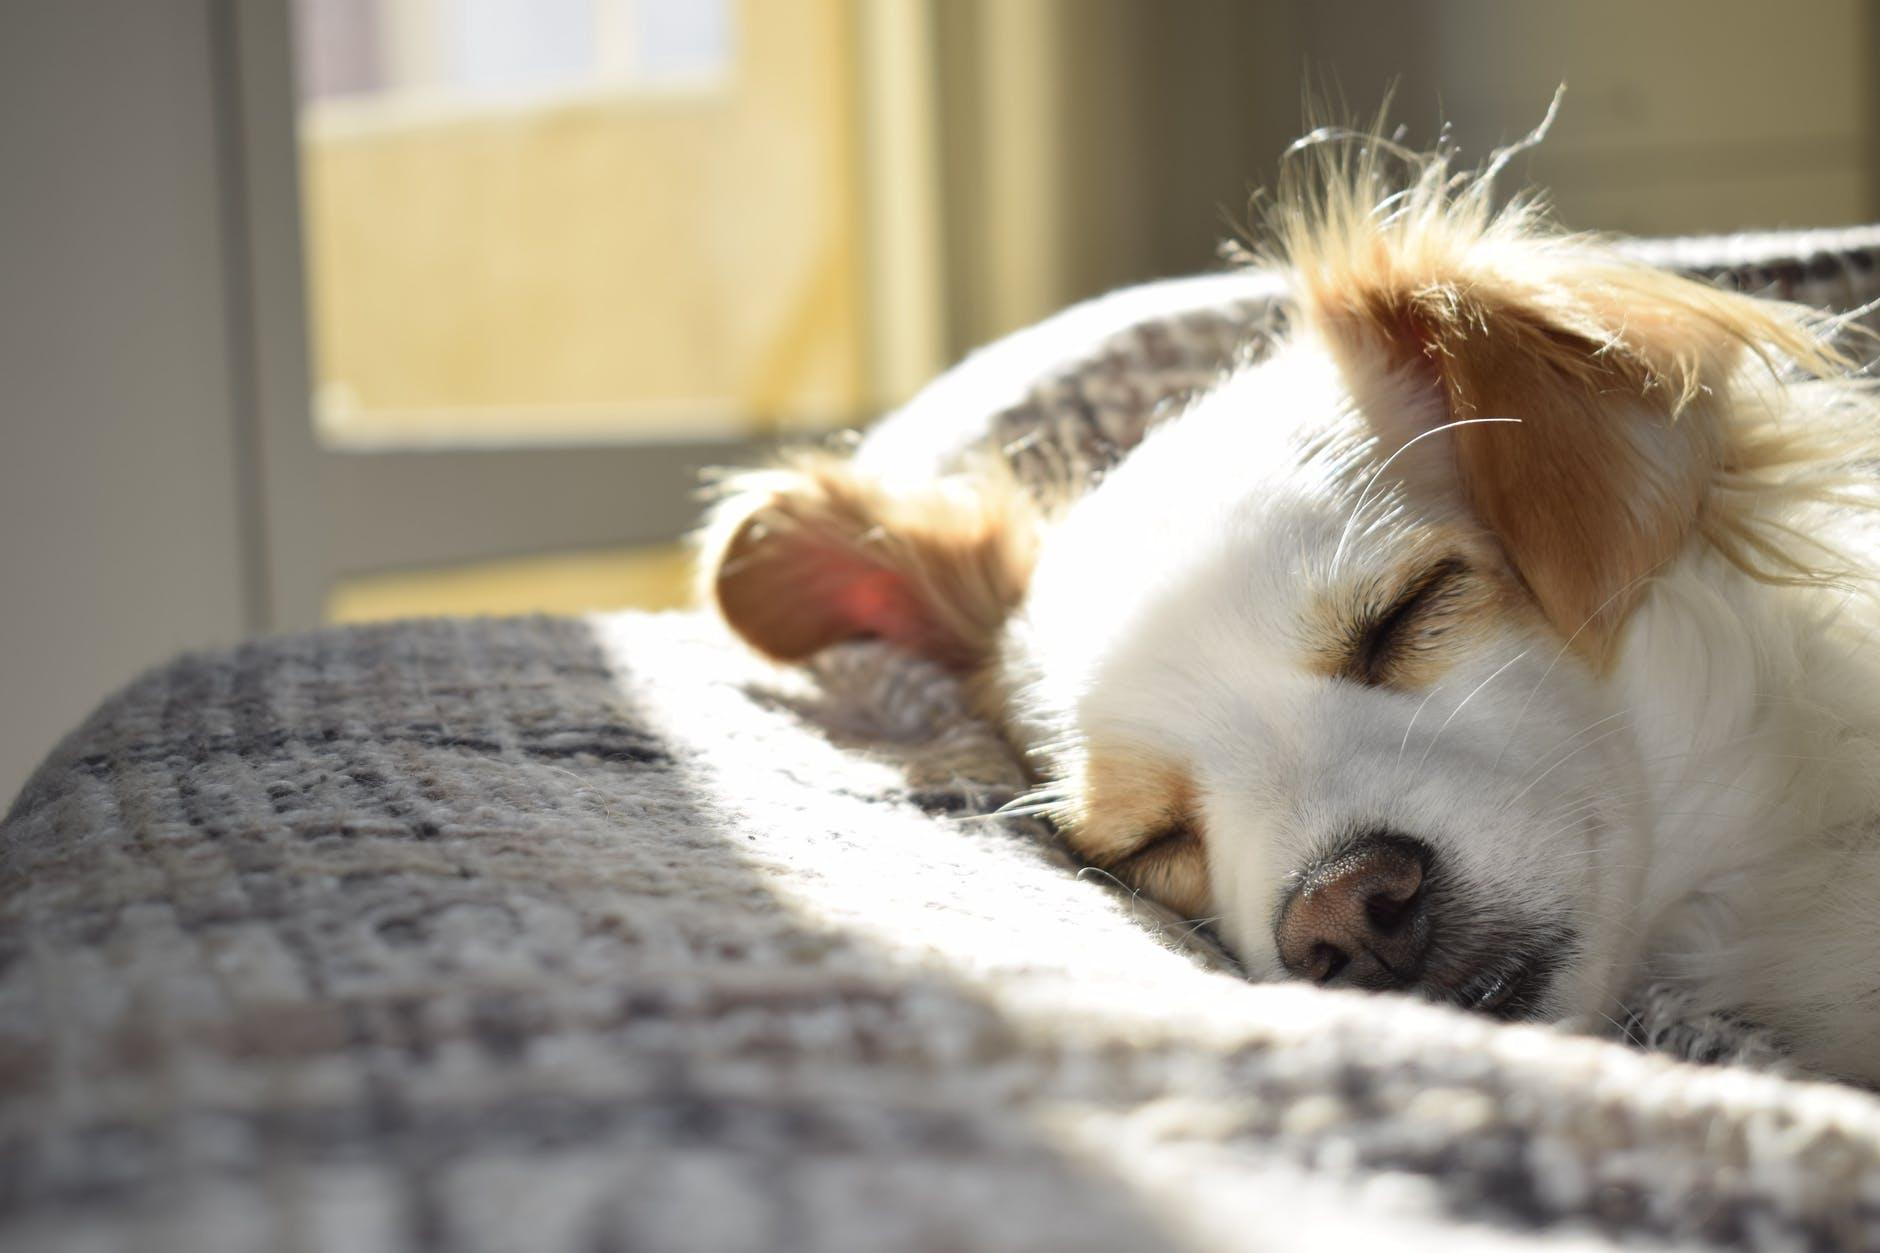 Les chiens rêvent-ils?